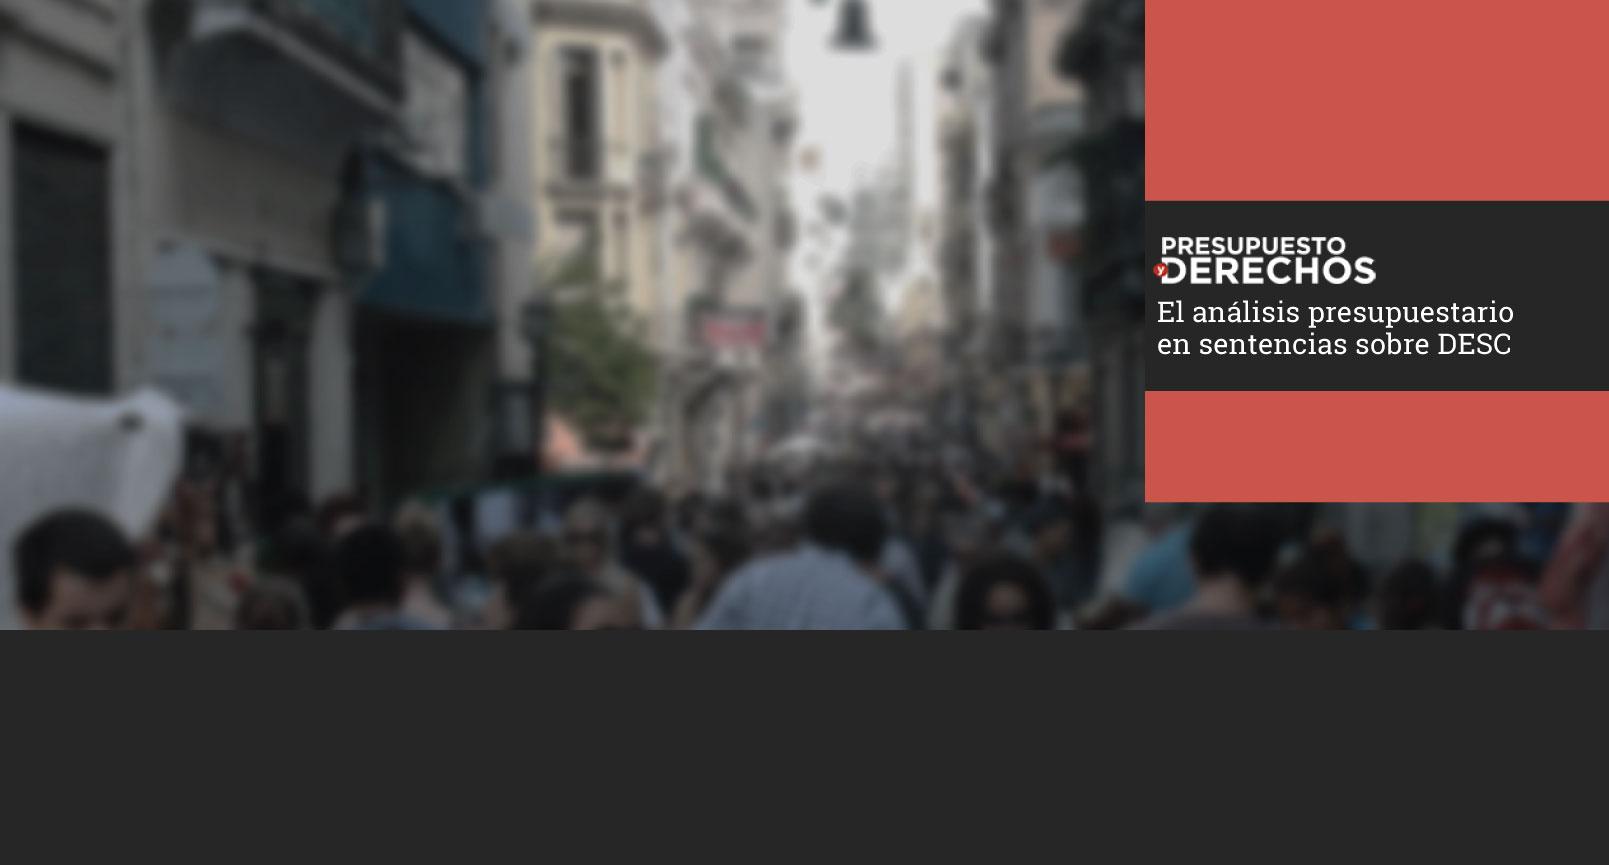 Sitio web sobre derechos sociales, litigio y presupuesto